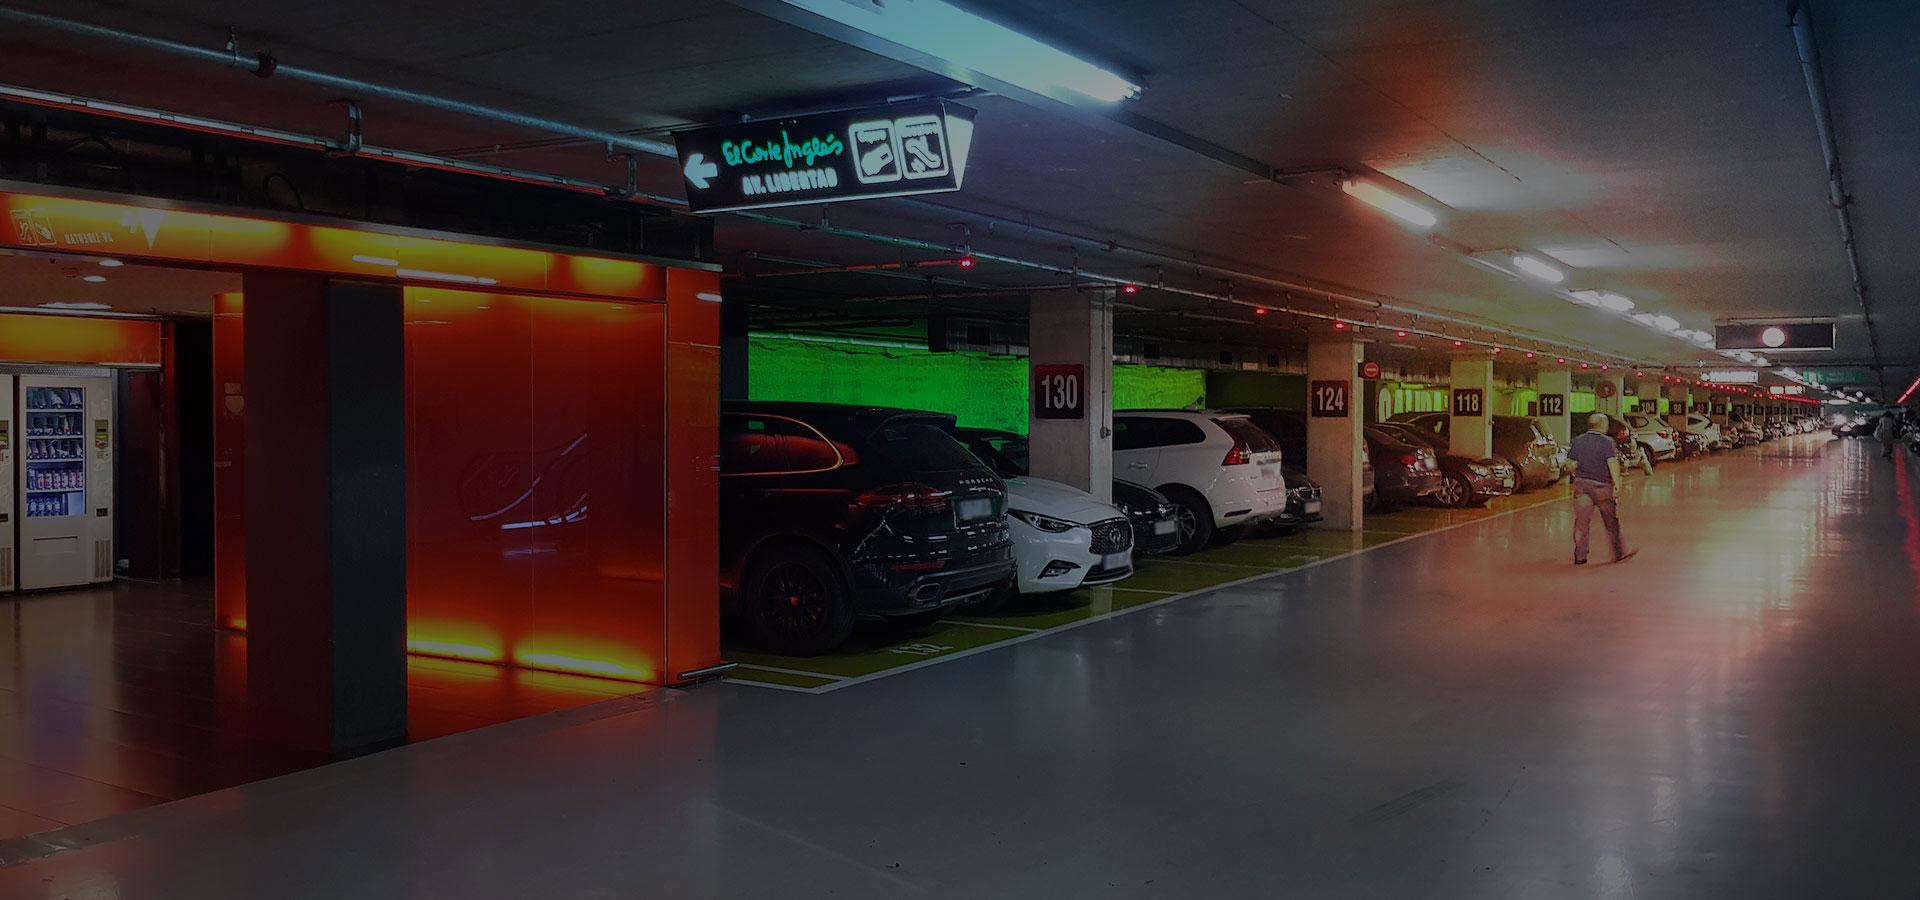 Gestion-de-aparcamientos-en-Murcia